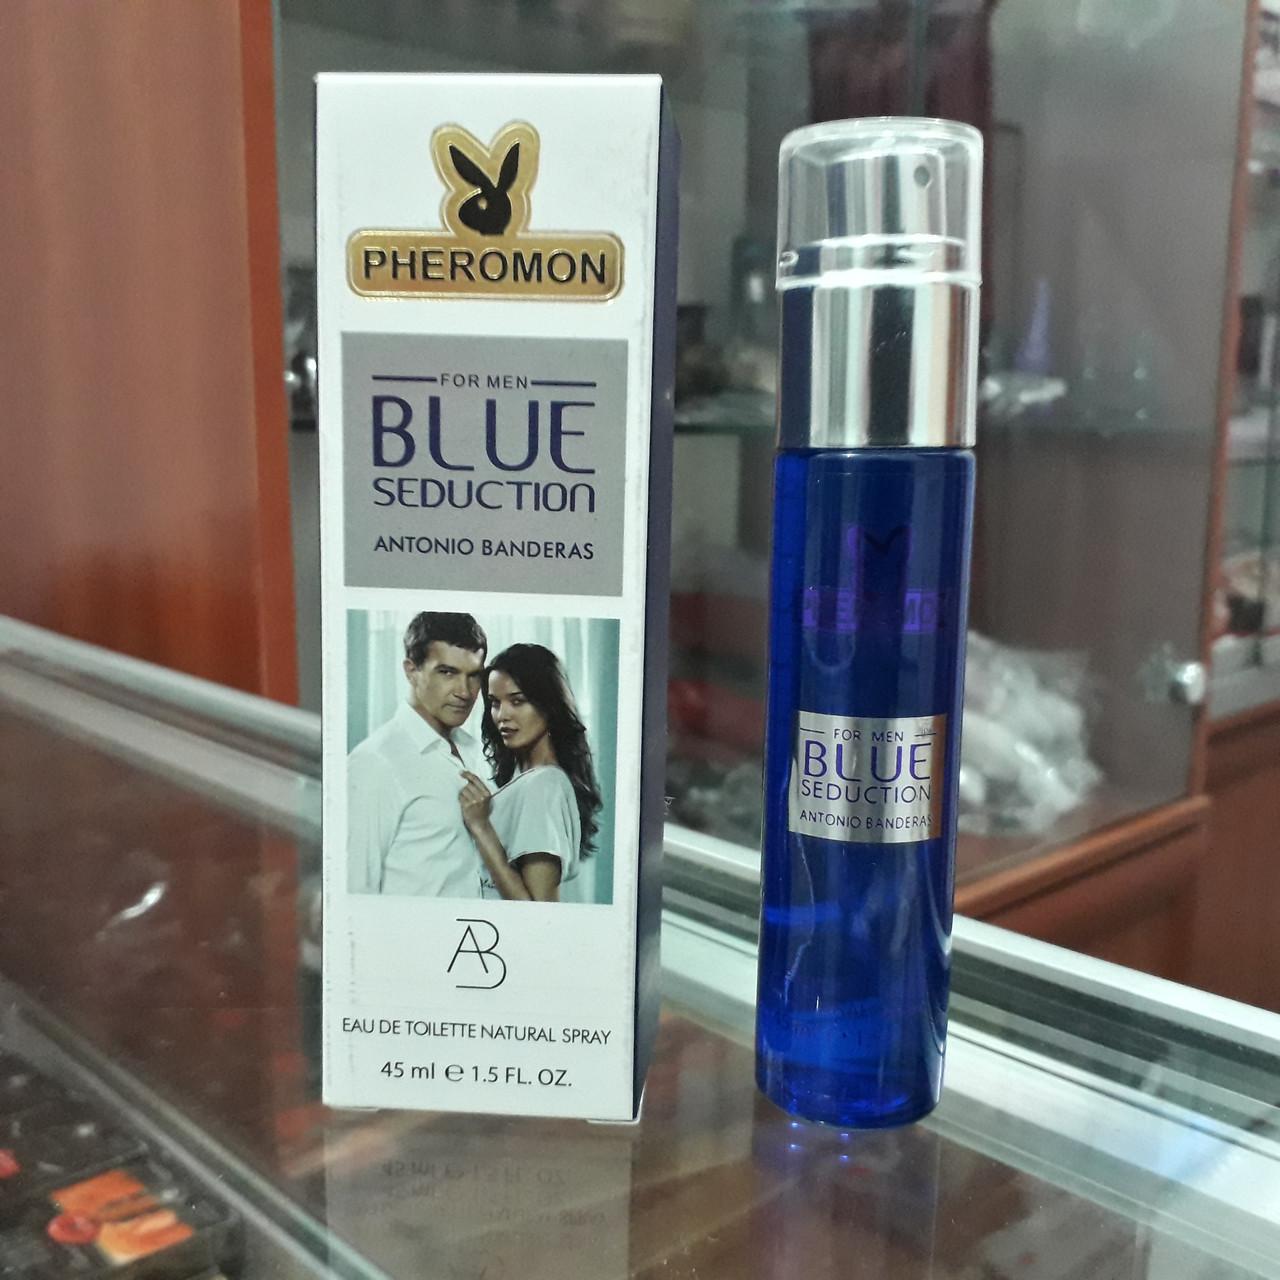 Мужские духи с феромонами Antonio Banderas Blue Seduction, 45ml.